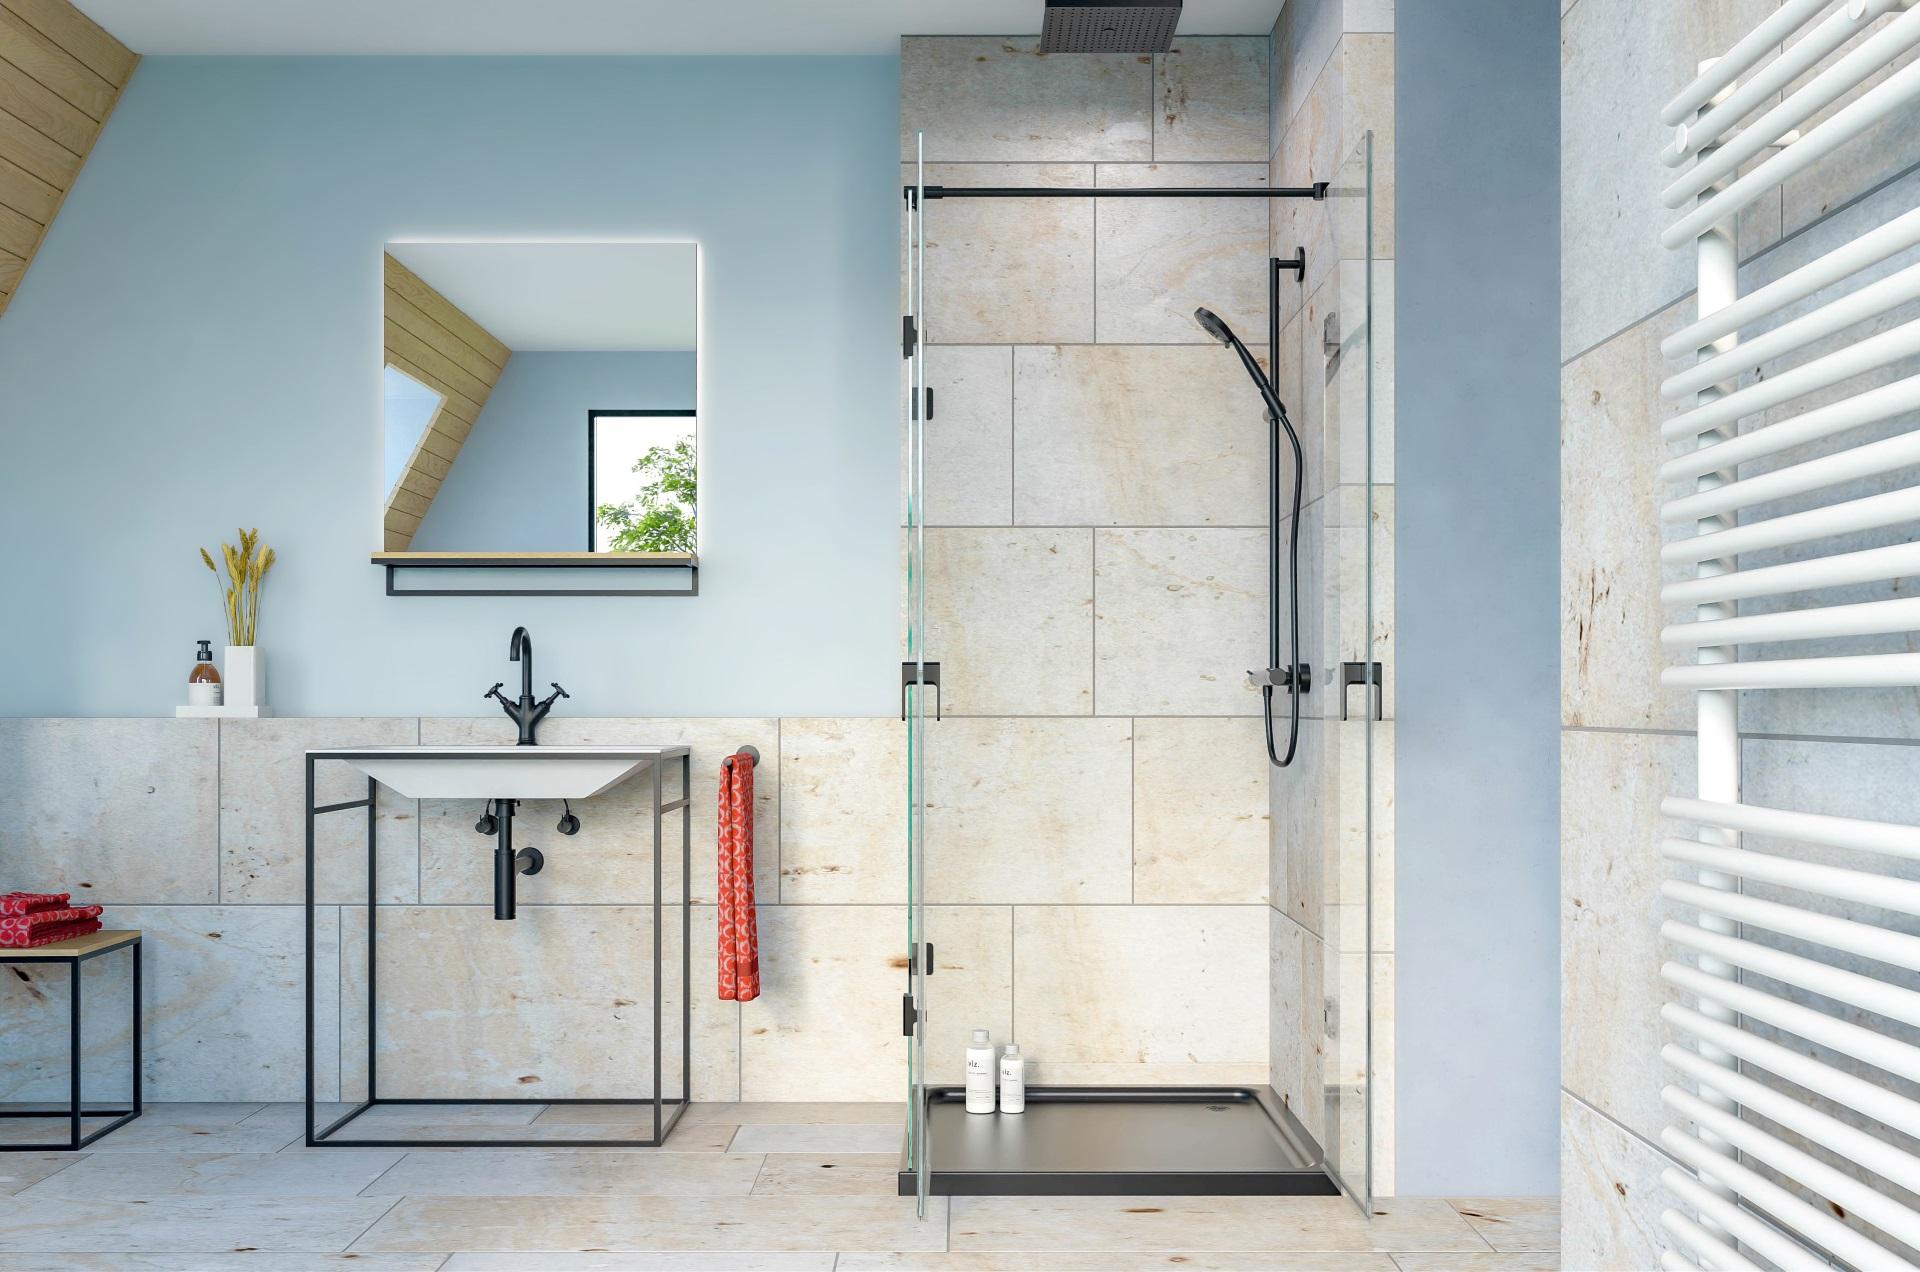 Abbildung design Badezimmer von glassdouche mit Dusche des Typs 231 mit festem Seitenglas und zwei Türgläsern